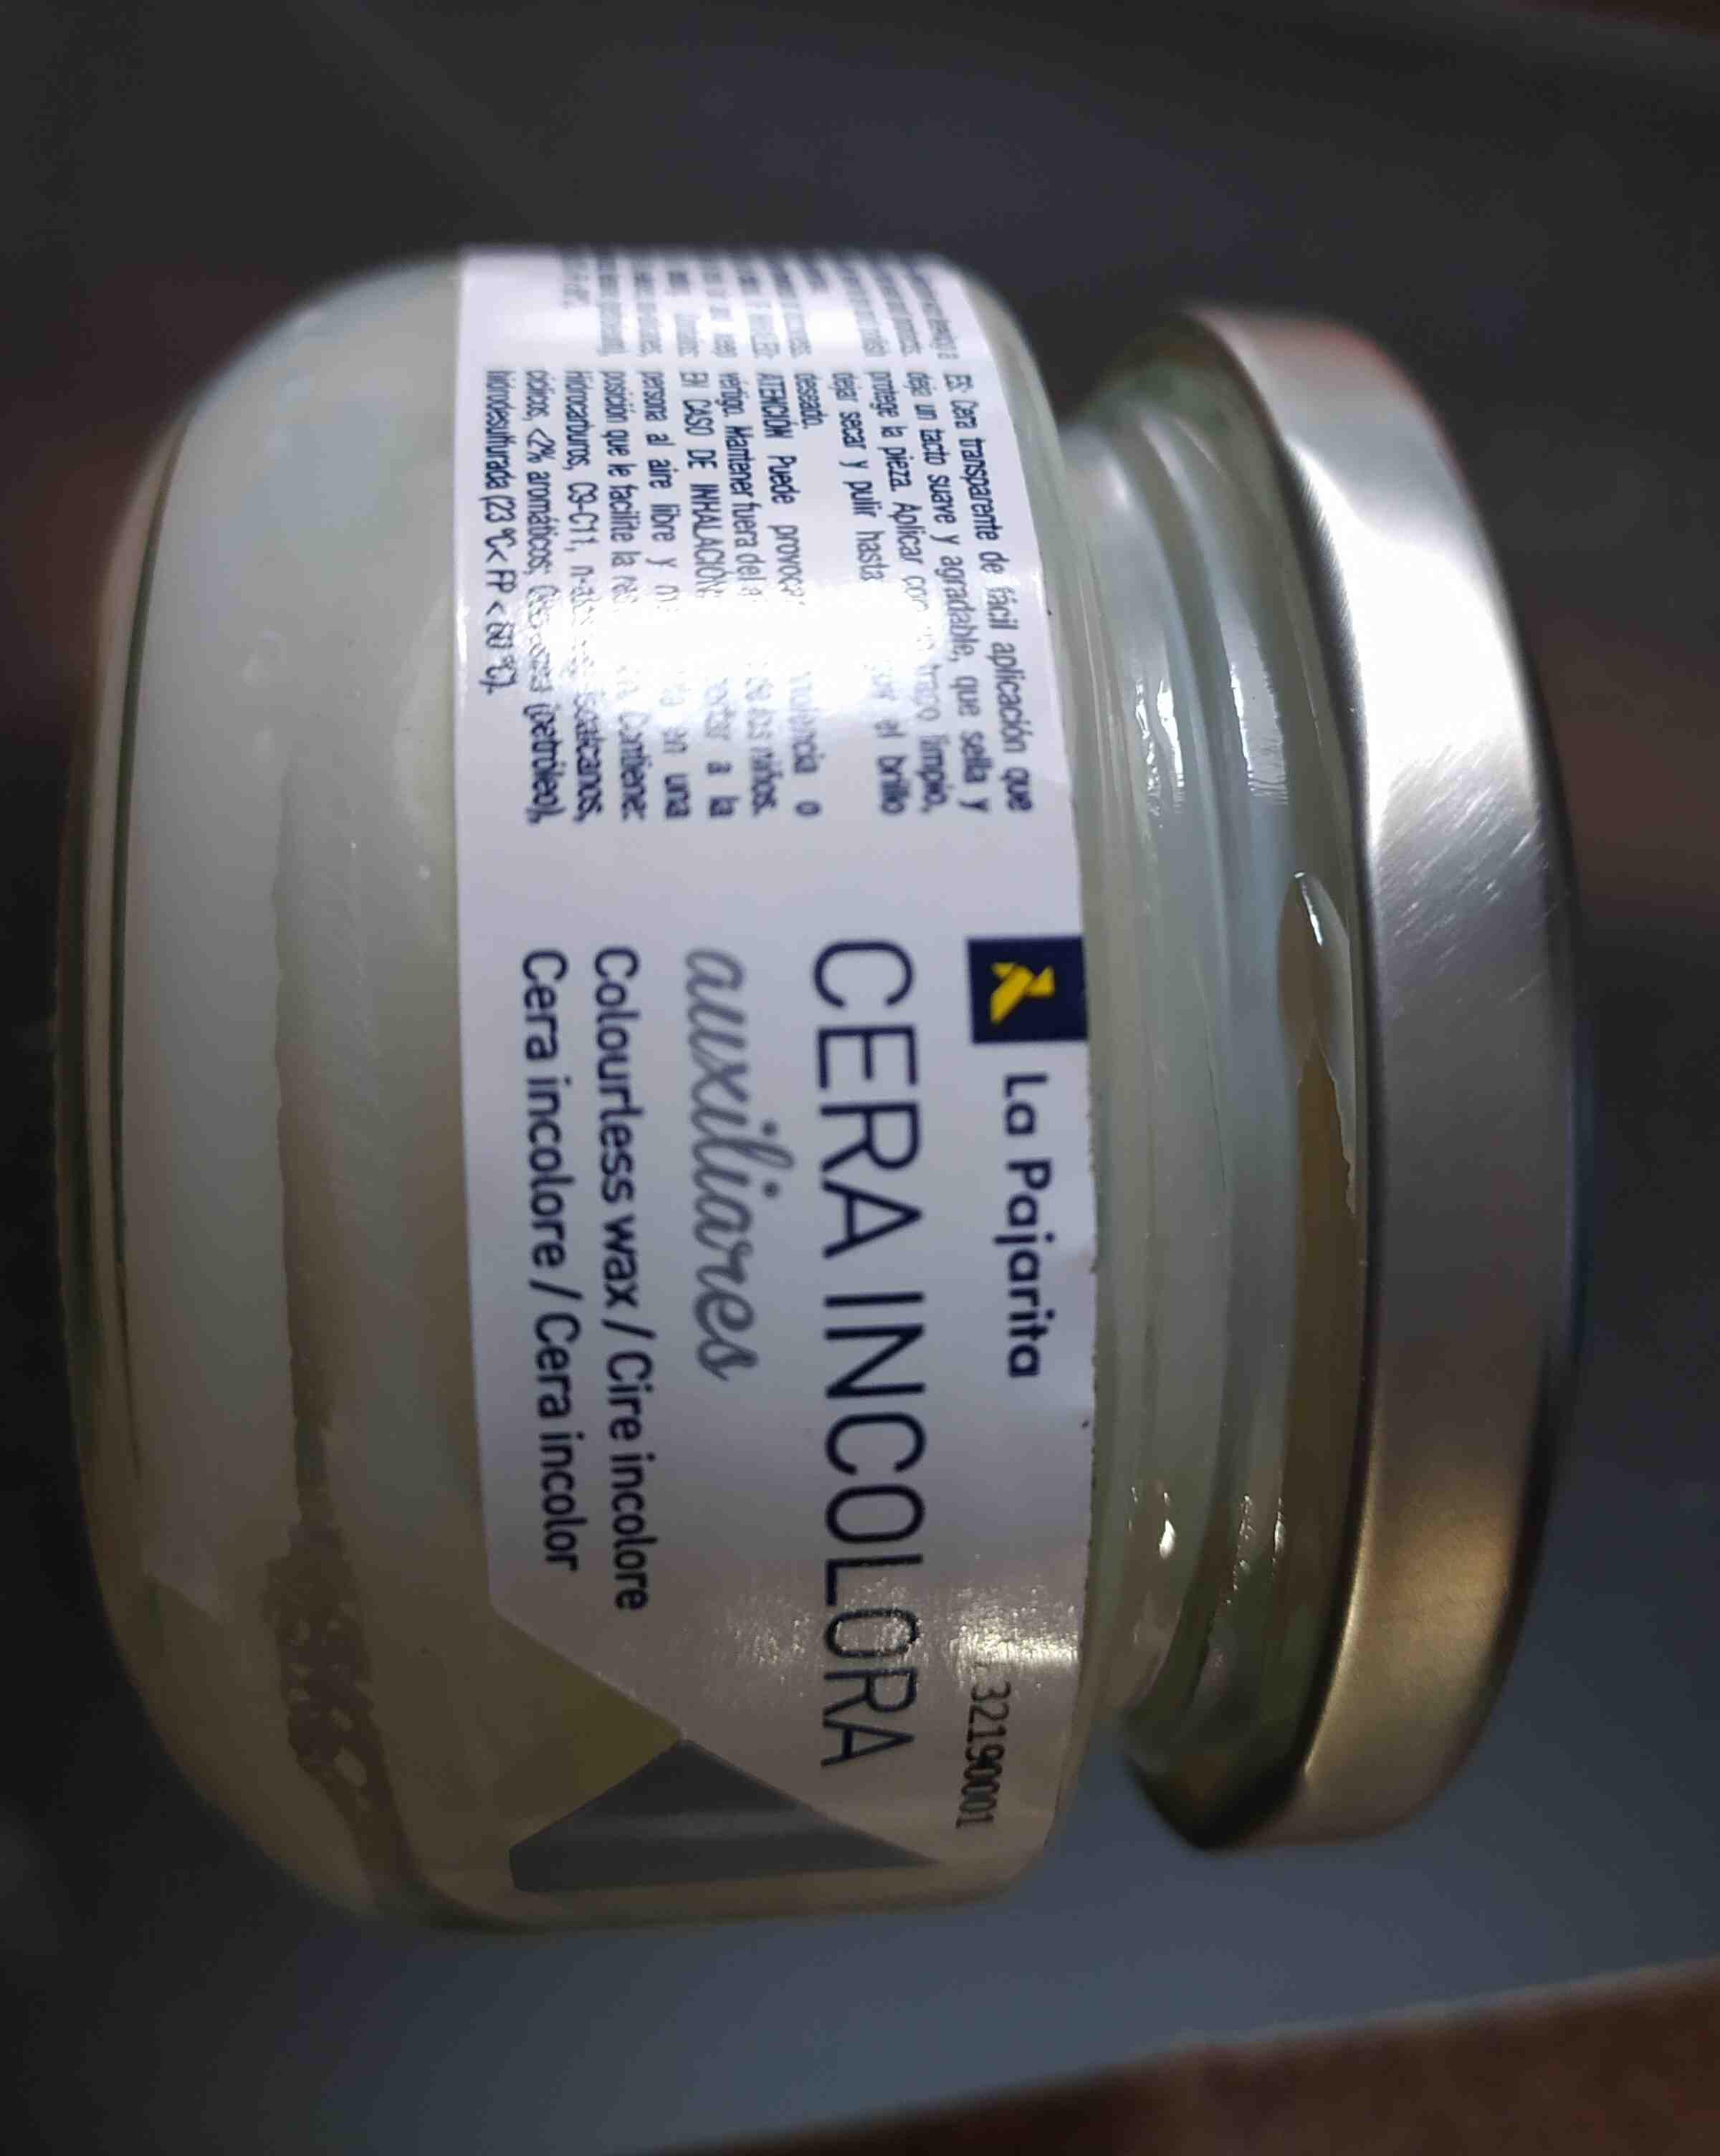 la pajarita cera incolora auxiliares - Ingredients - en